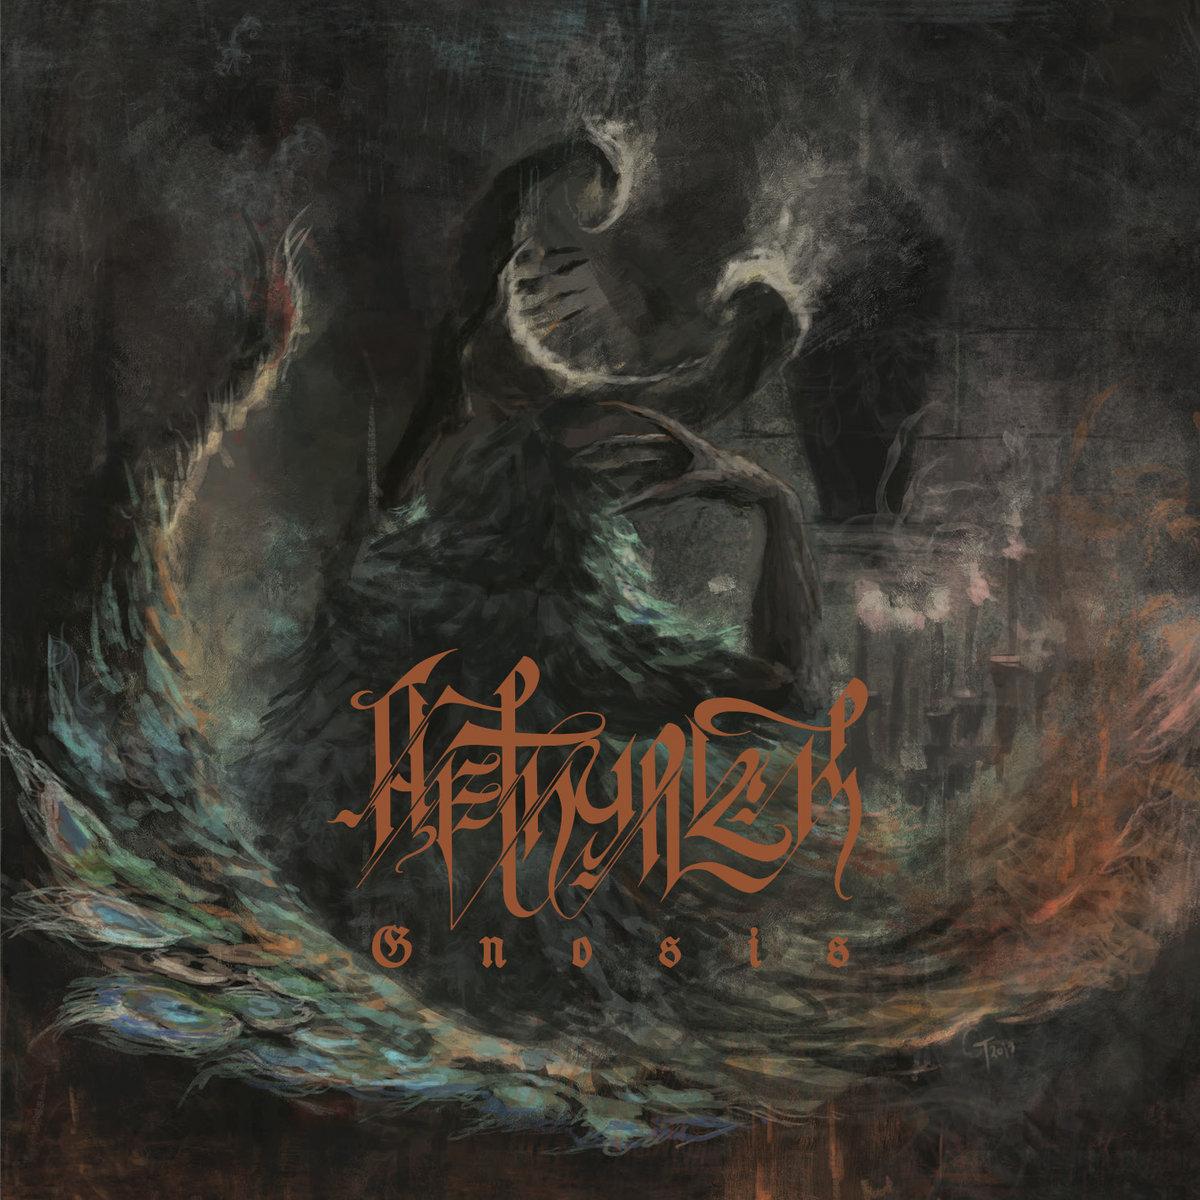 AETHYRICK - Gnosis 12